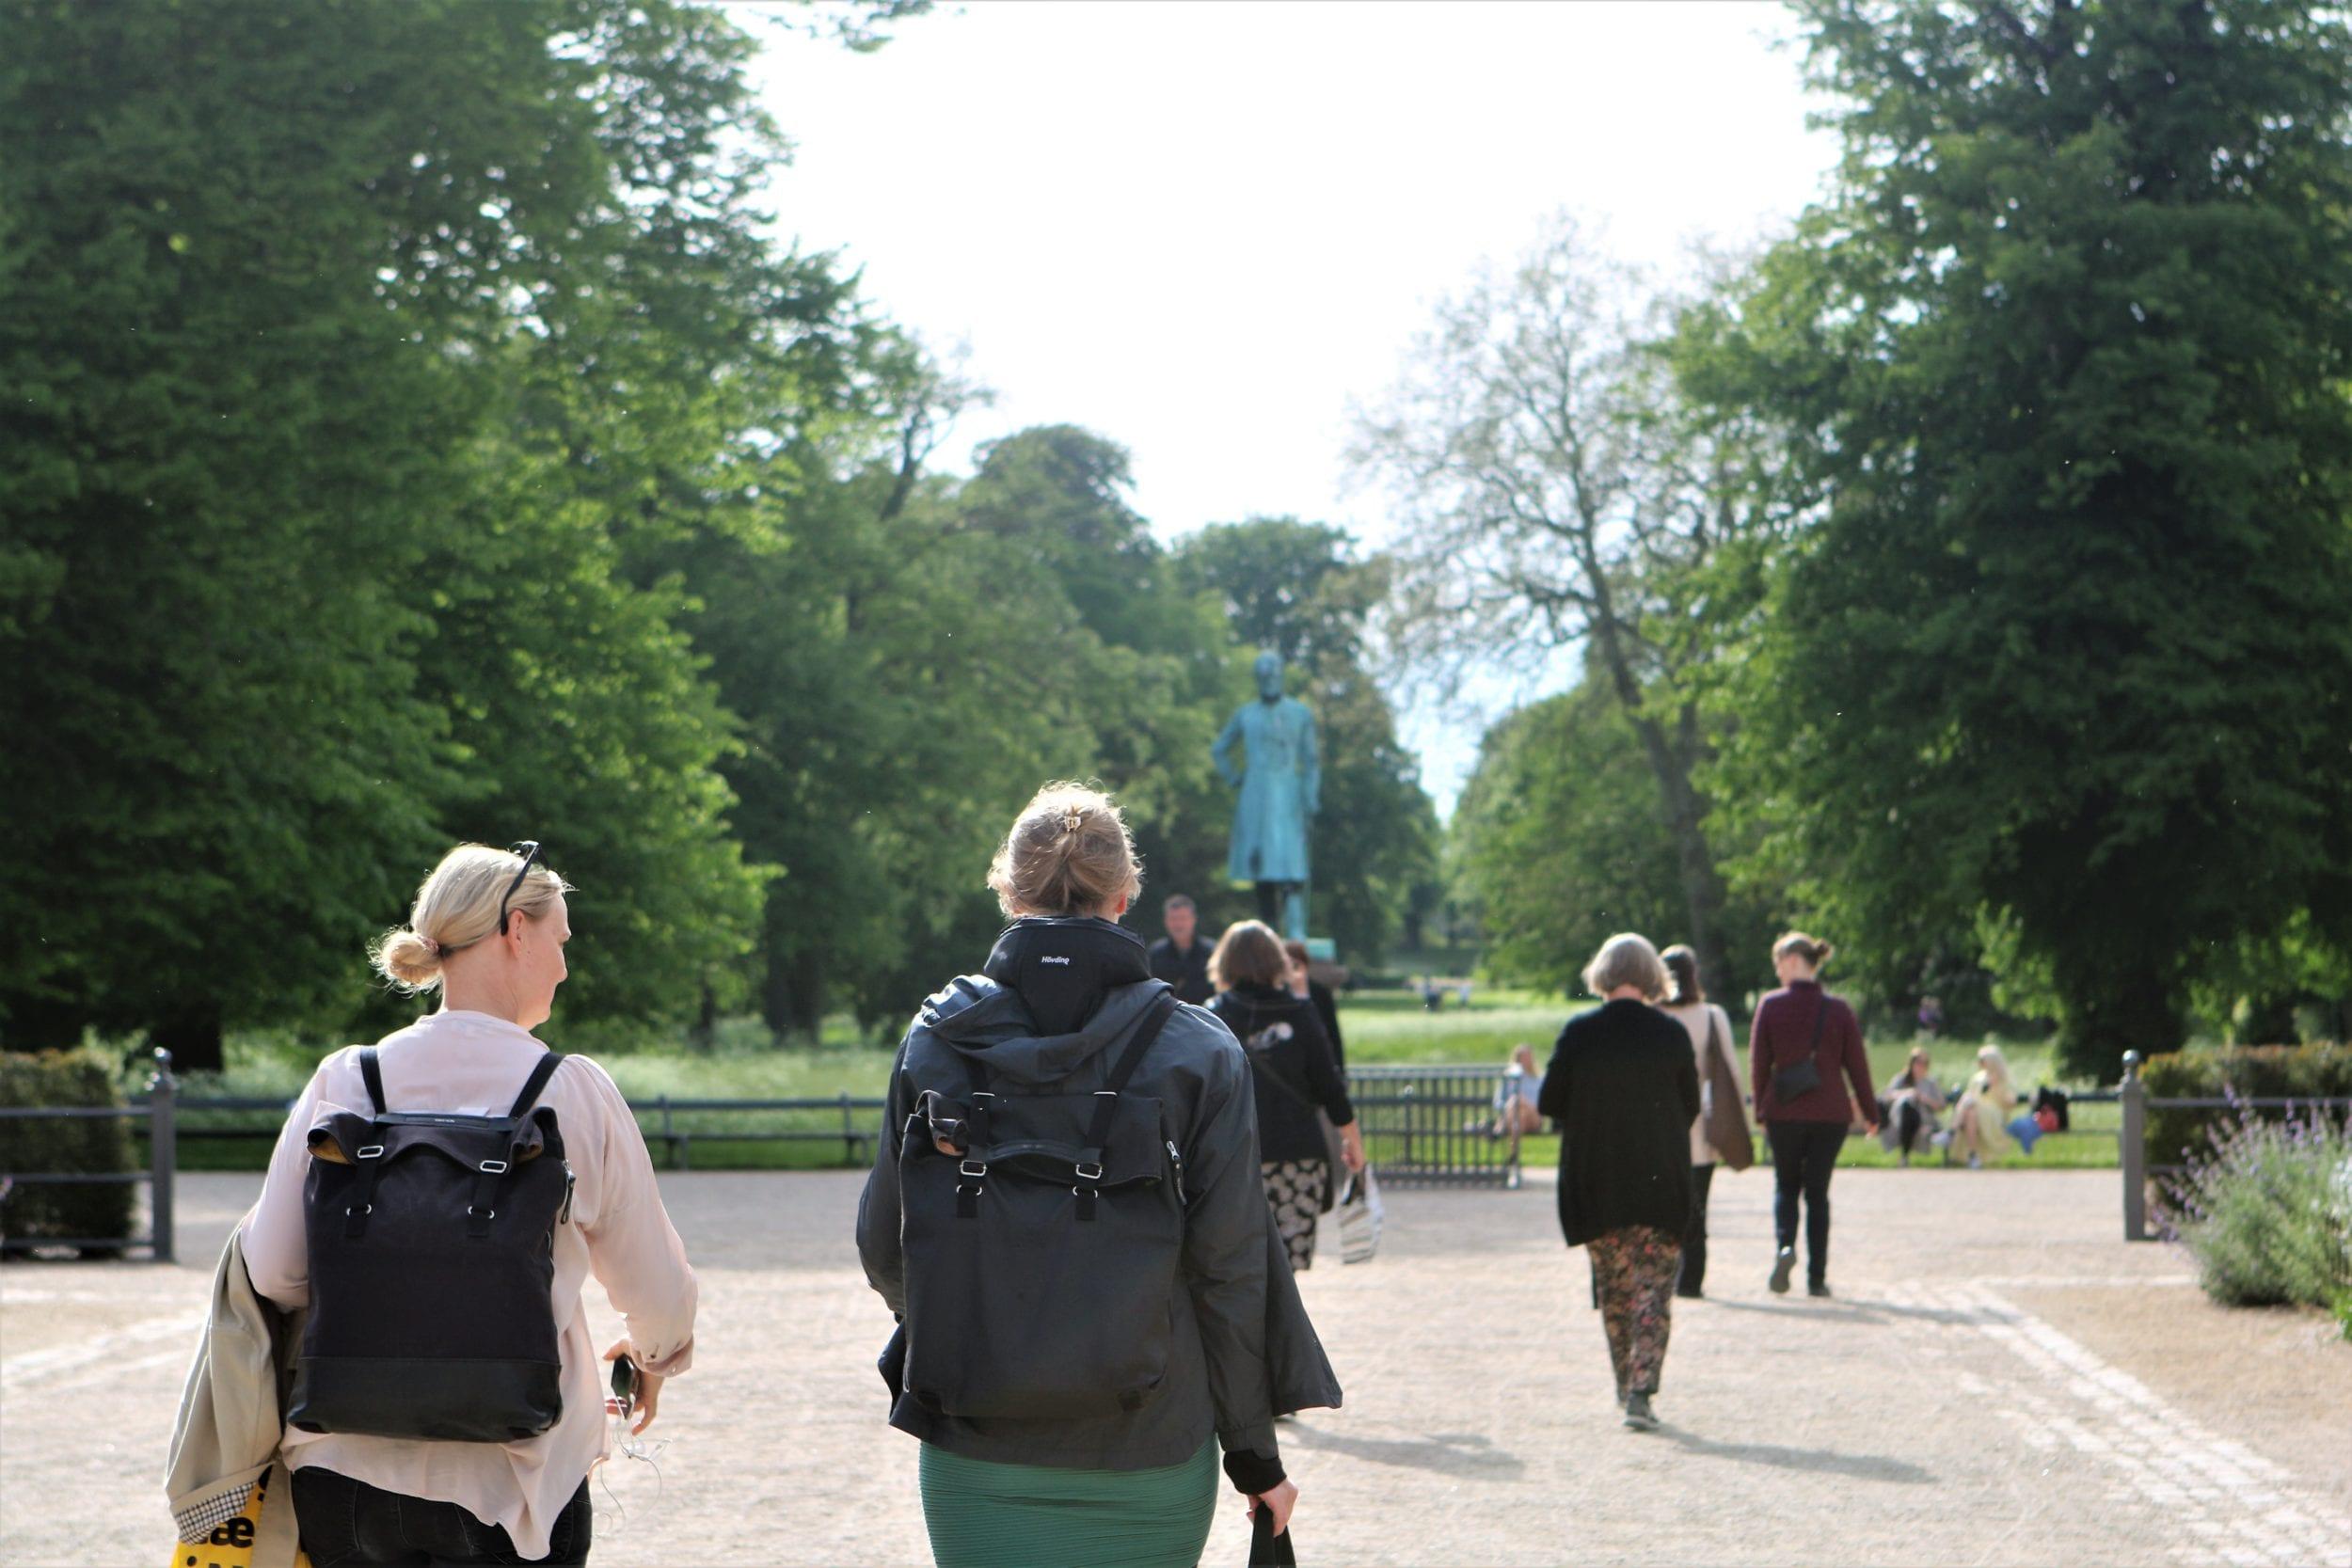 Frederiksbergs idrætsliv holder åbent hus i oktober